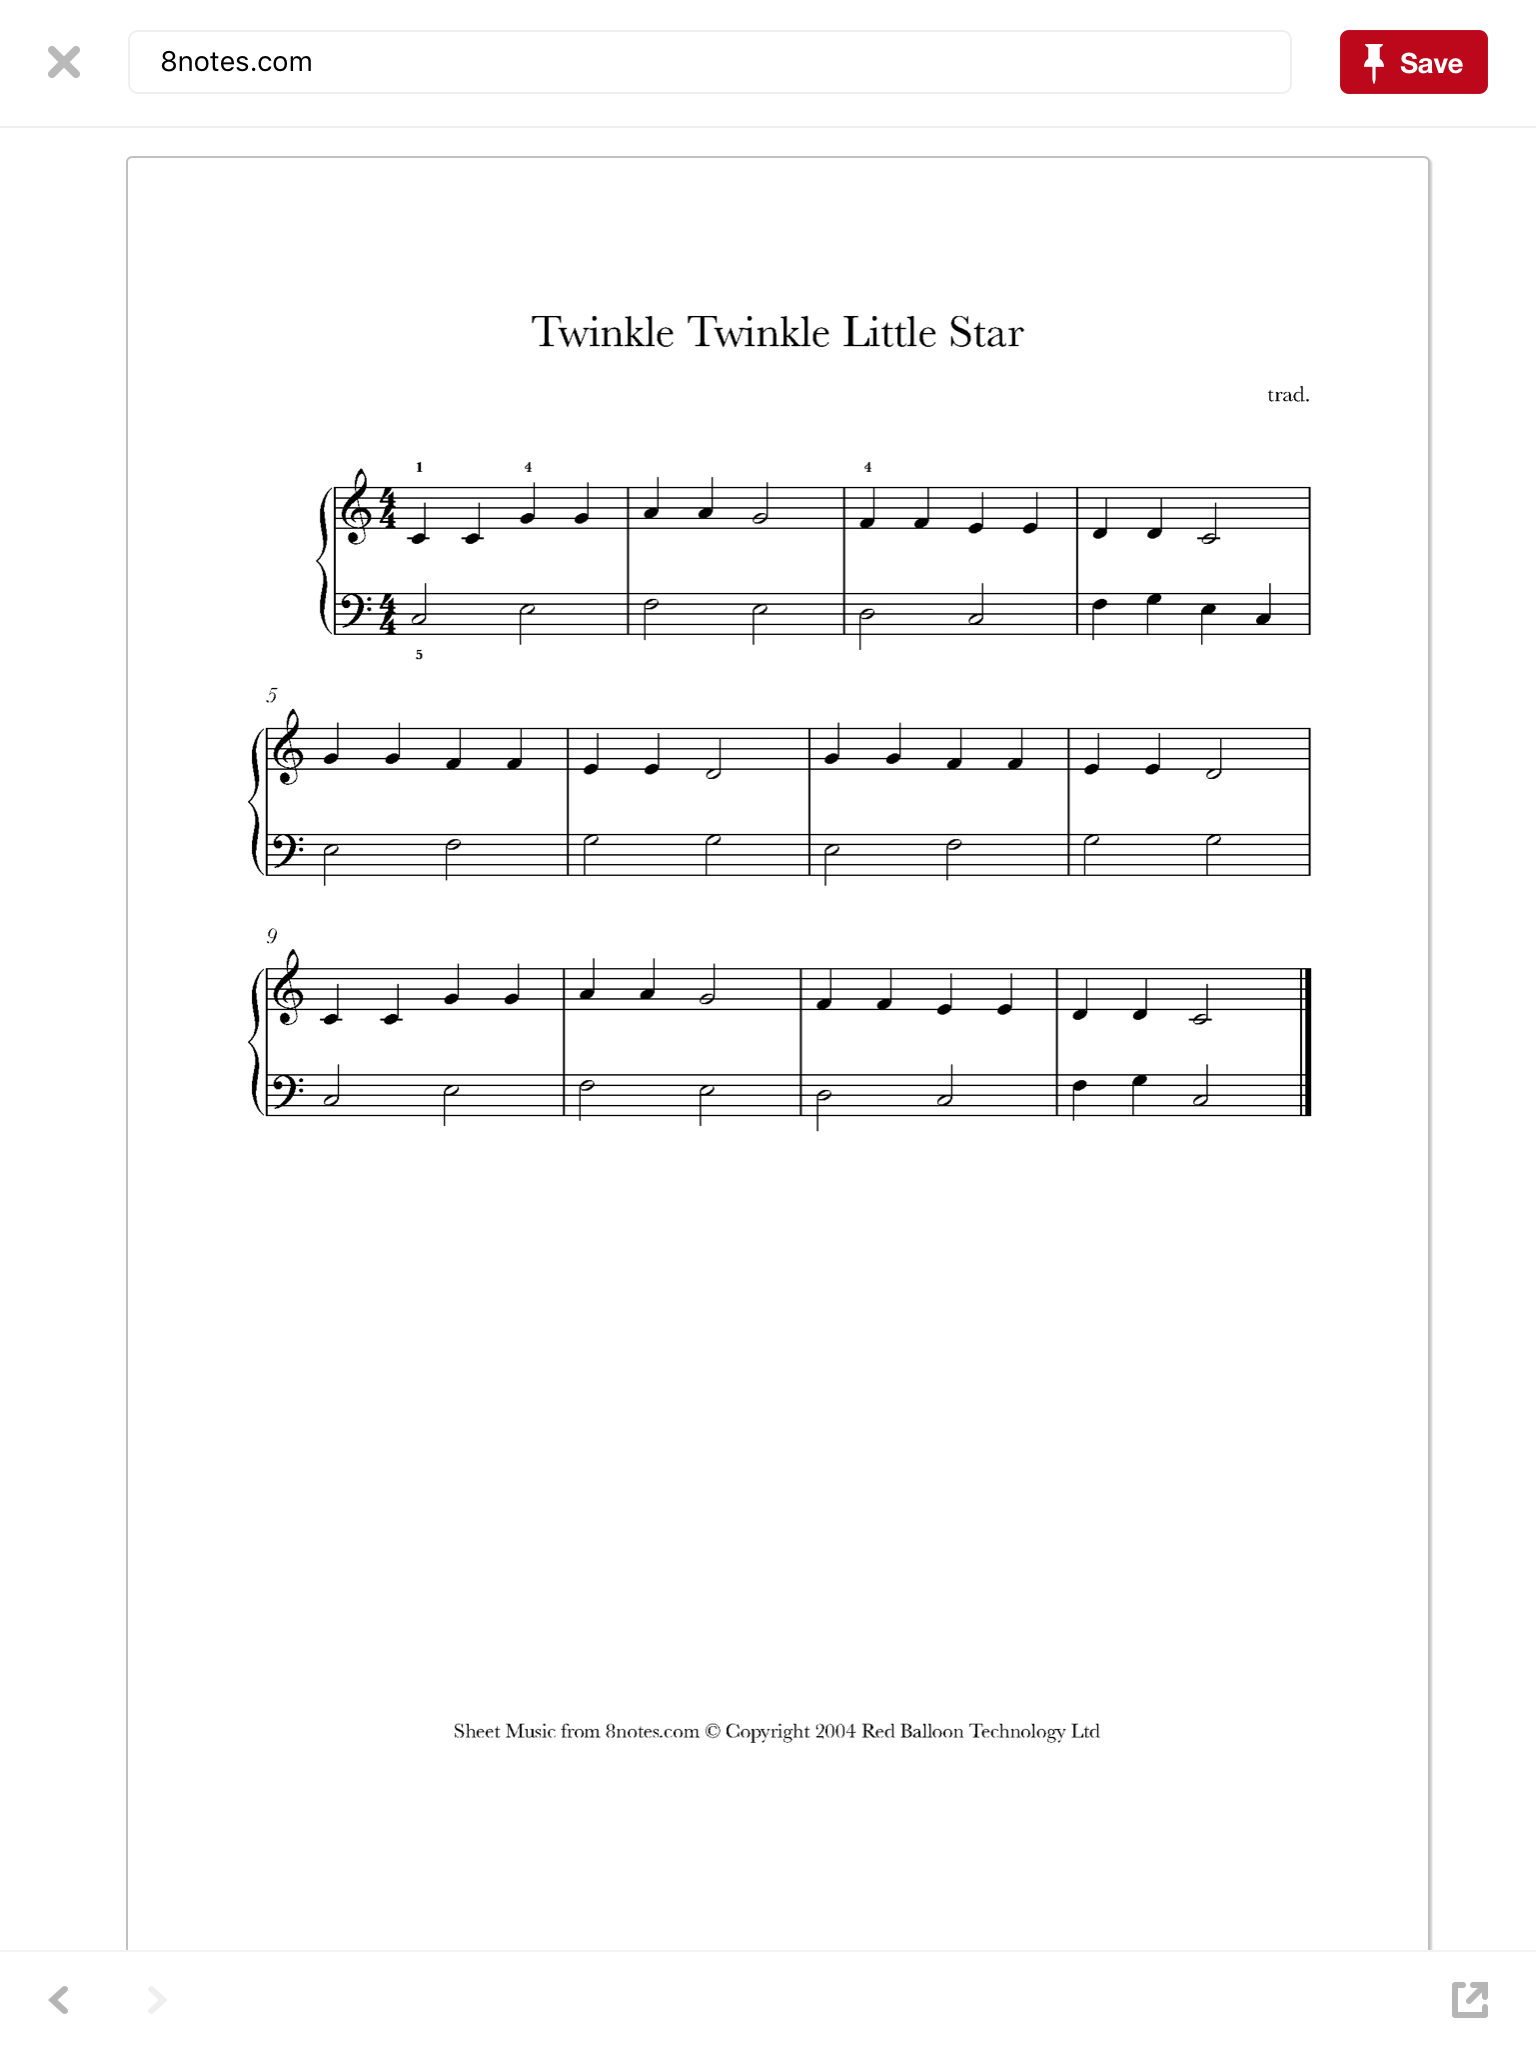 Pin by ildiko stuban on music sheets pinterest music sheets